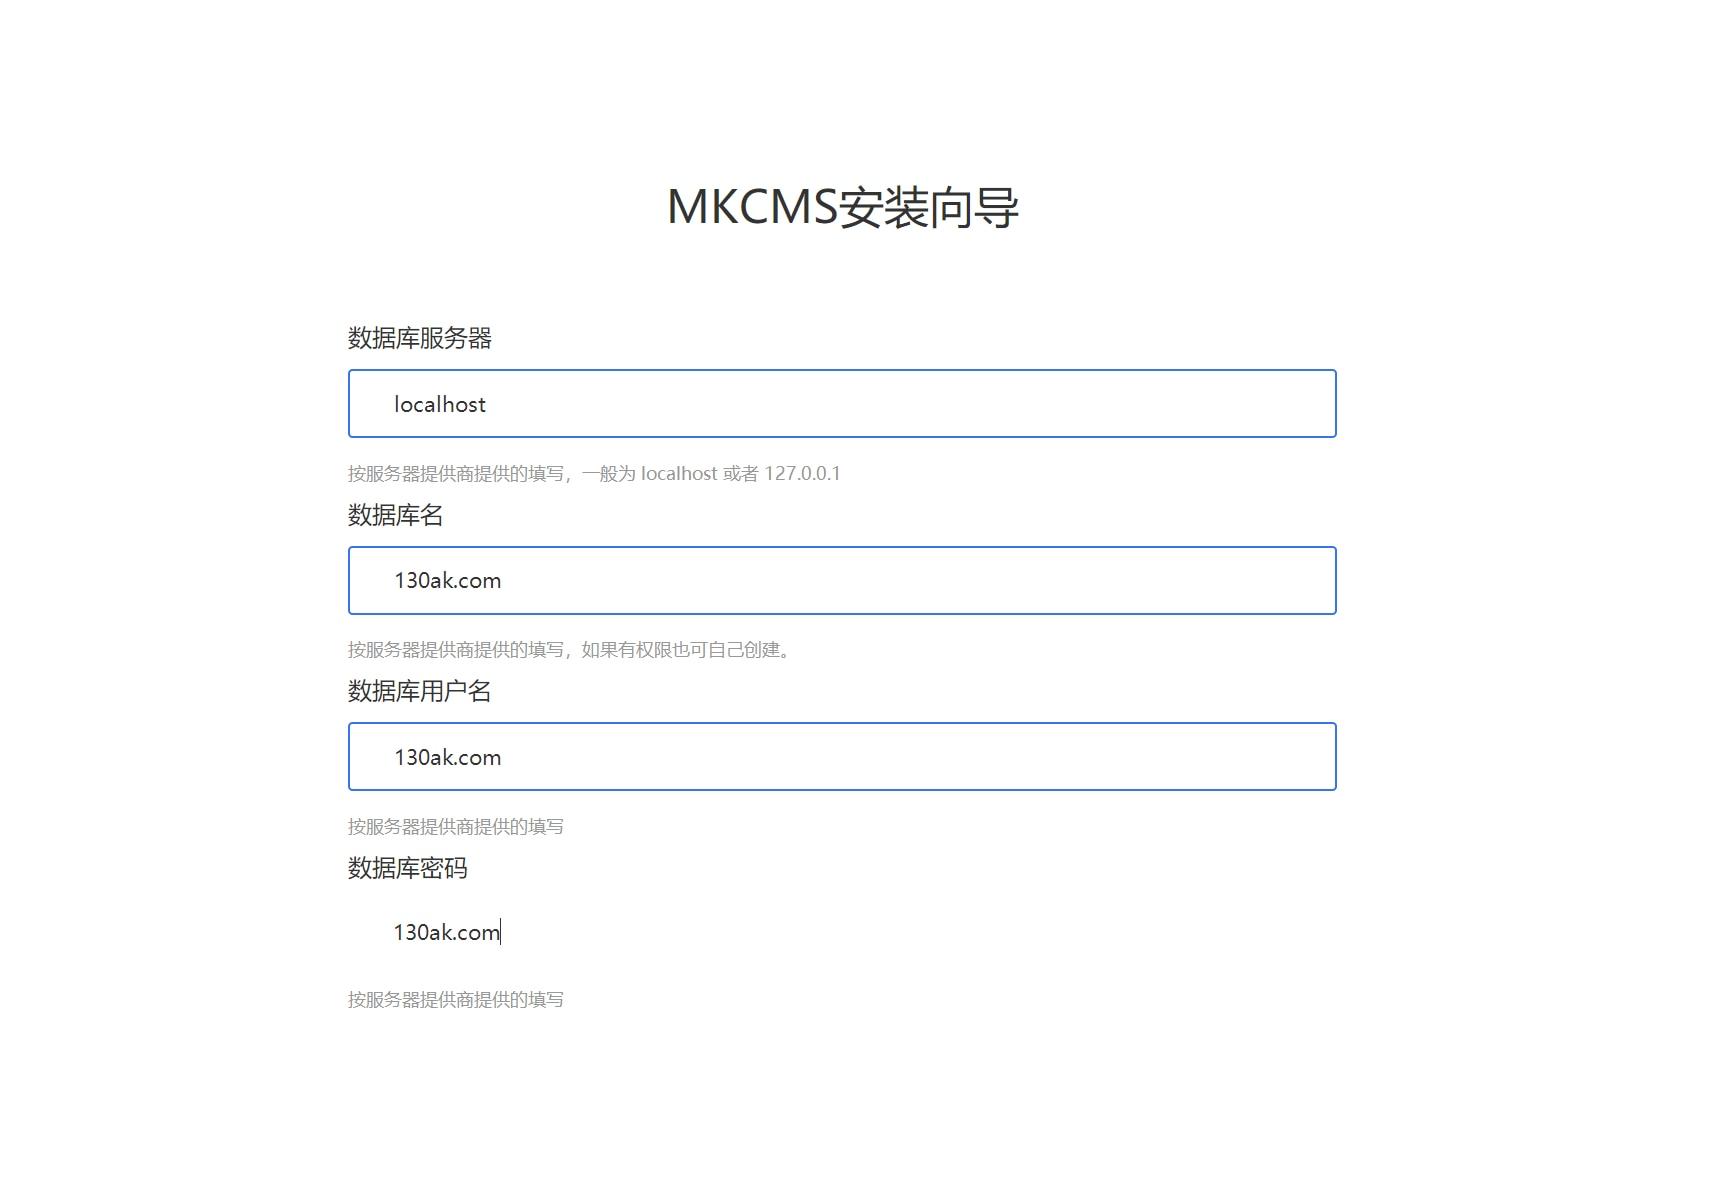 米酷影视更新源码2020版v7.0.0+解析接口-52资源网